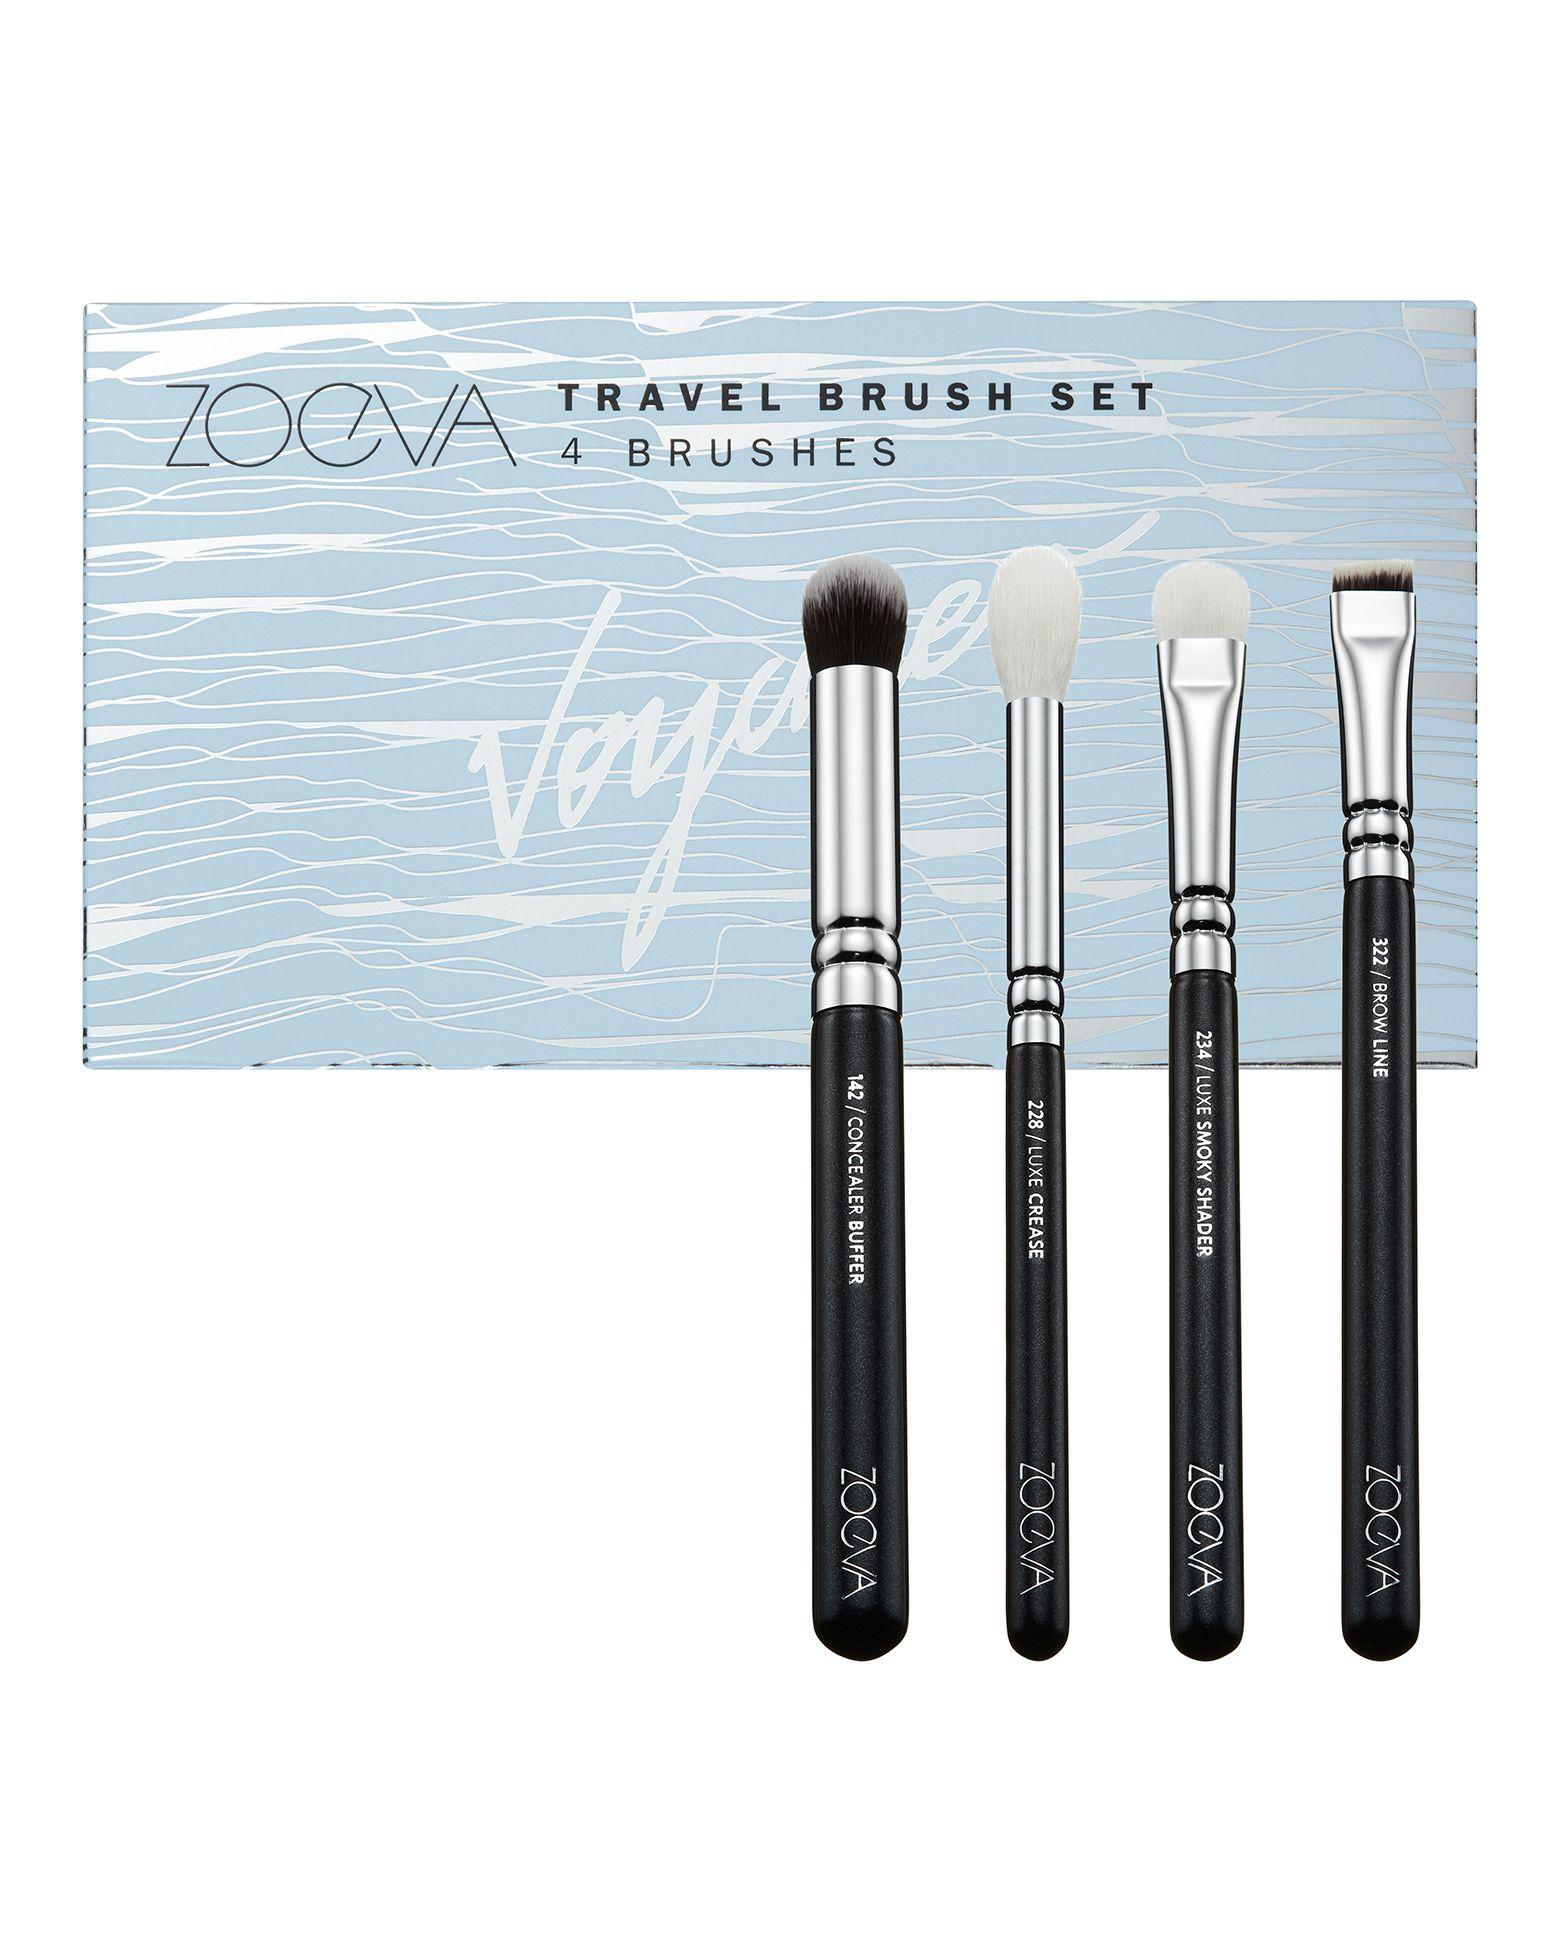 ZOEVA Voyager Travel Brush Set Travel brushes, Eye